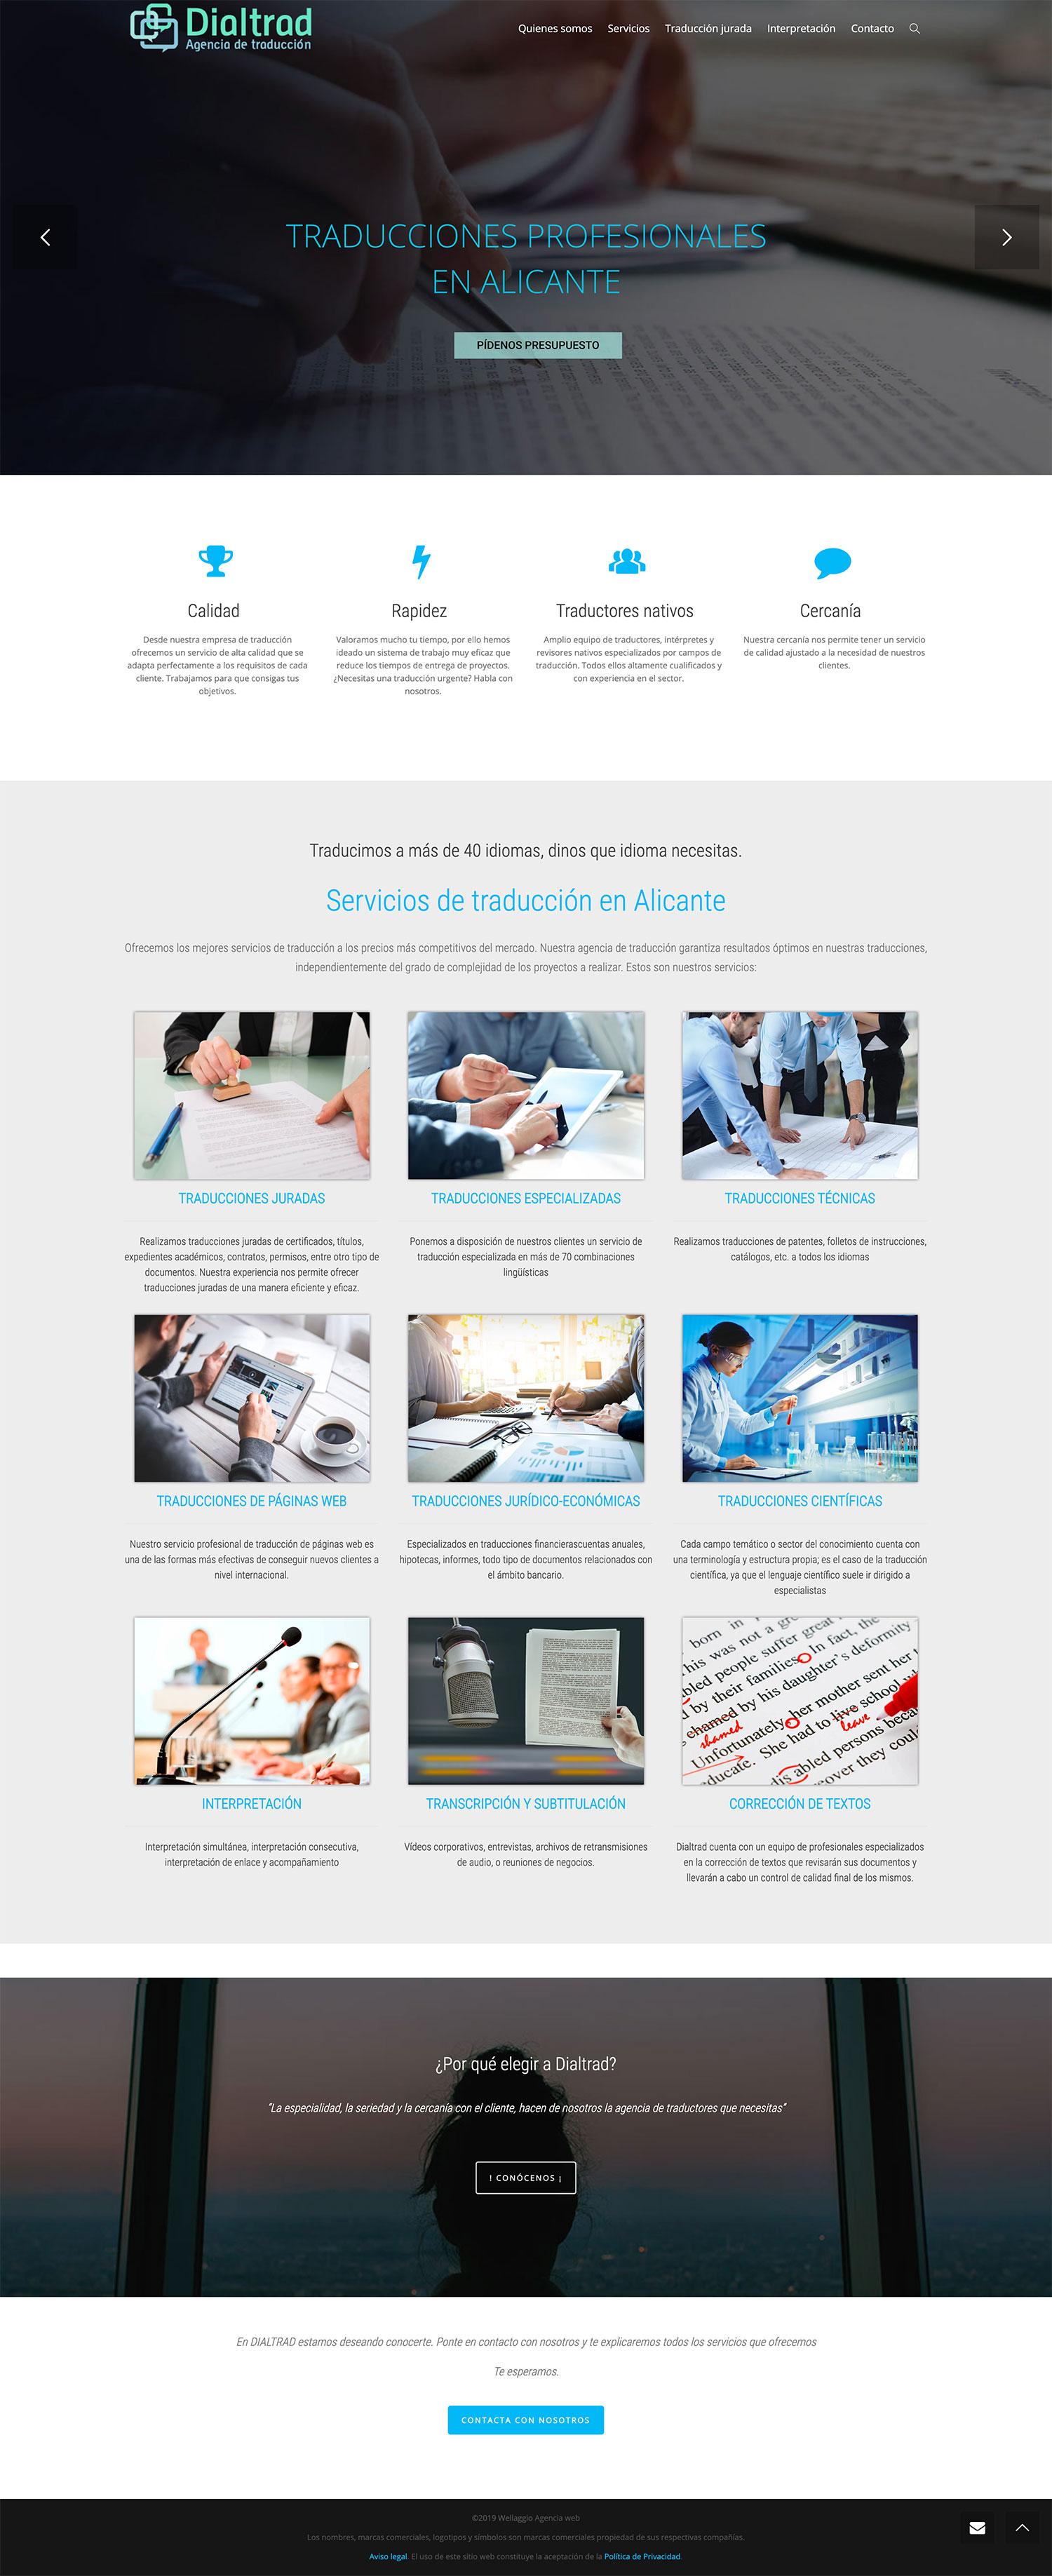 pagina-web-dialtrad-traduciones-home